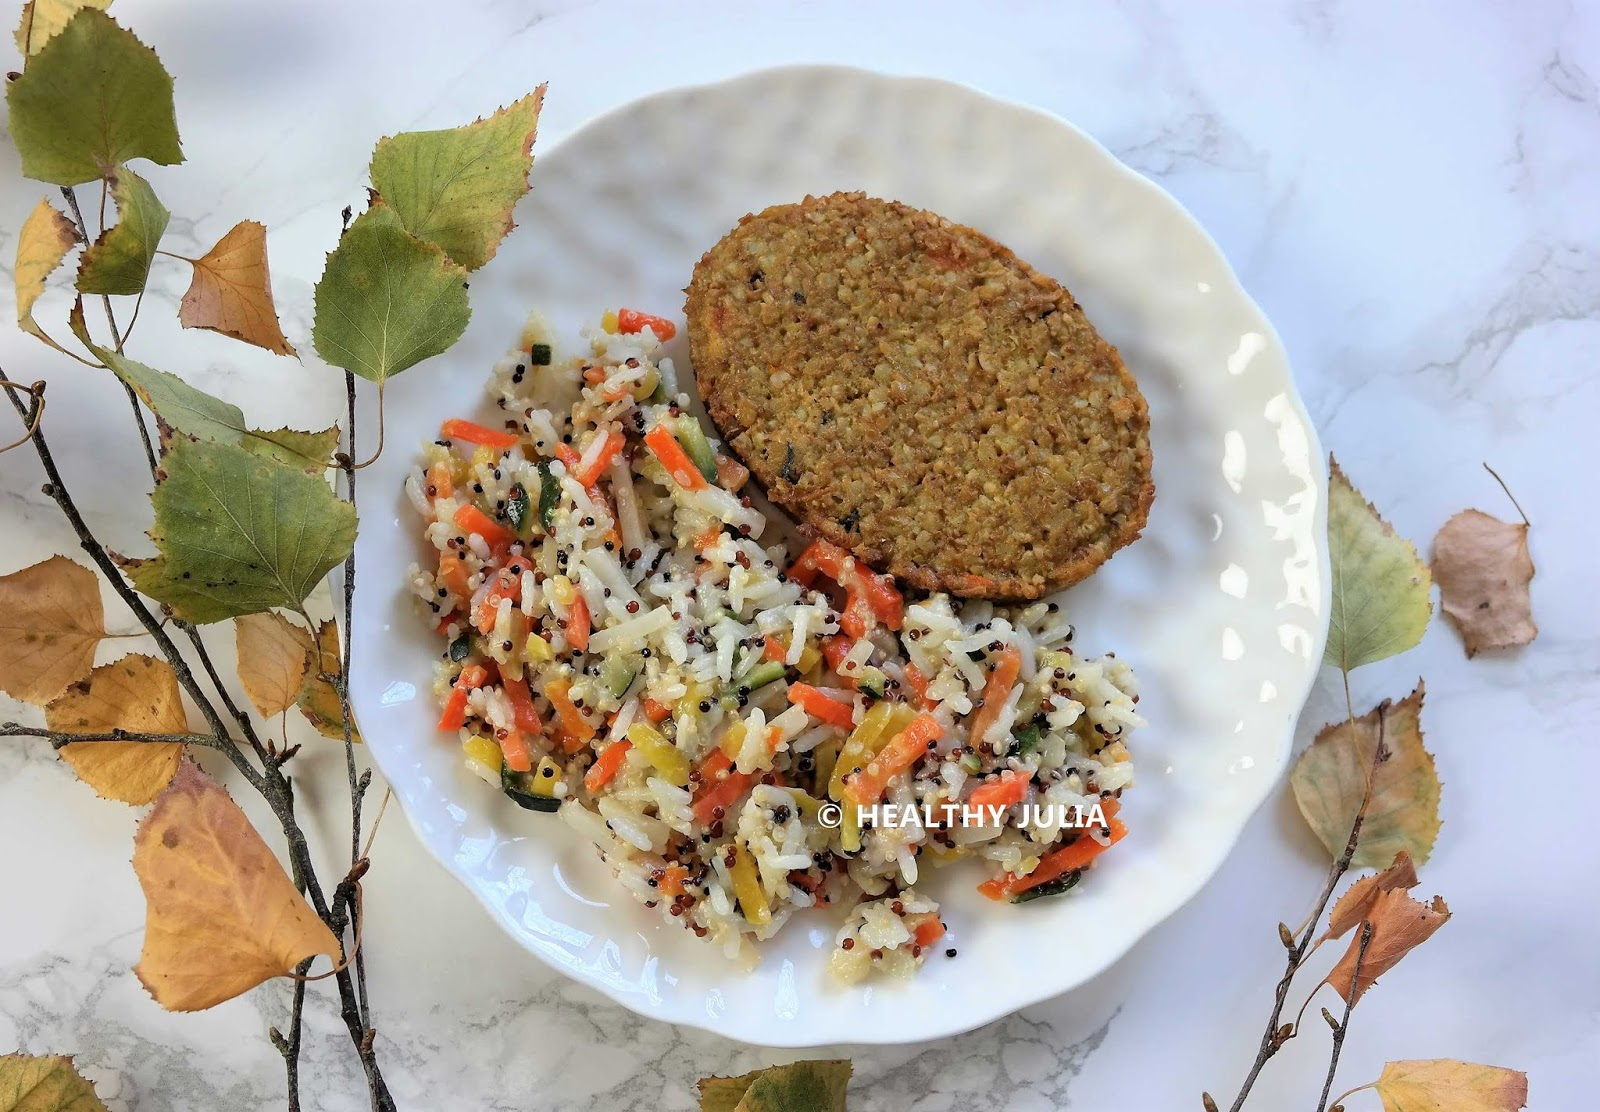 riz et quinoa vegan healthy julia